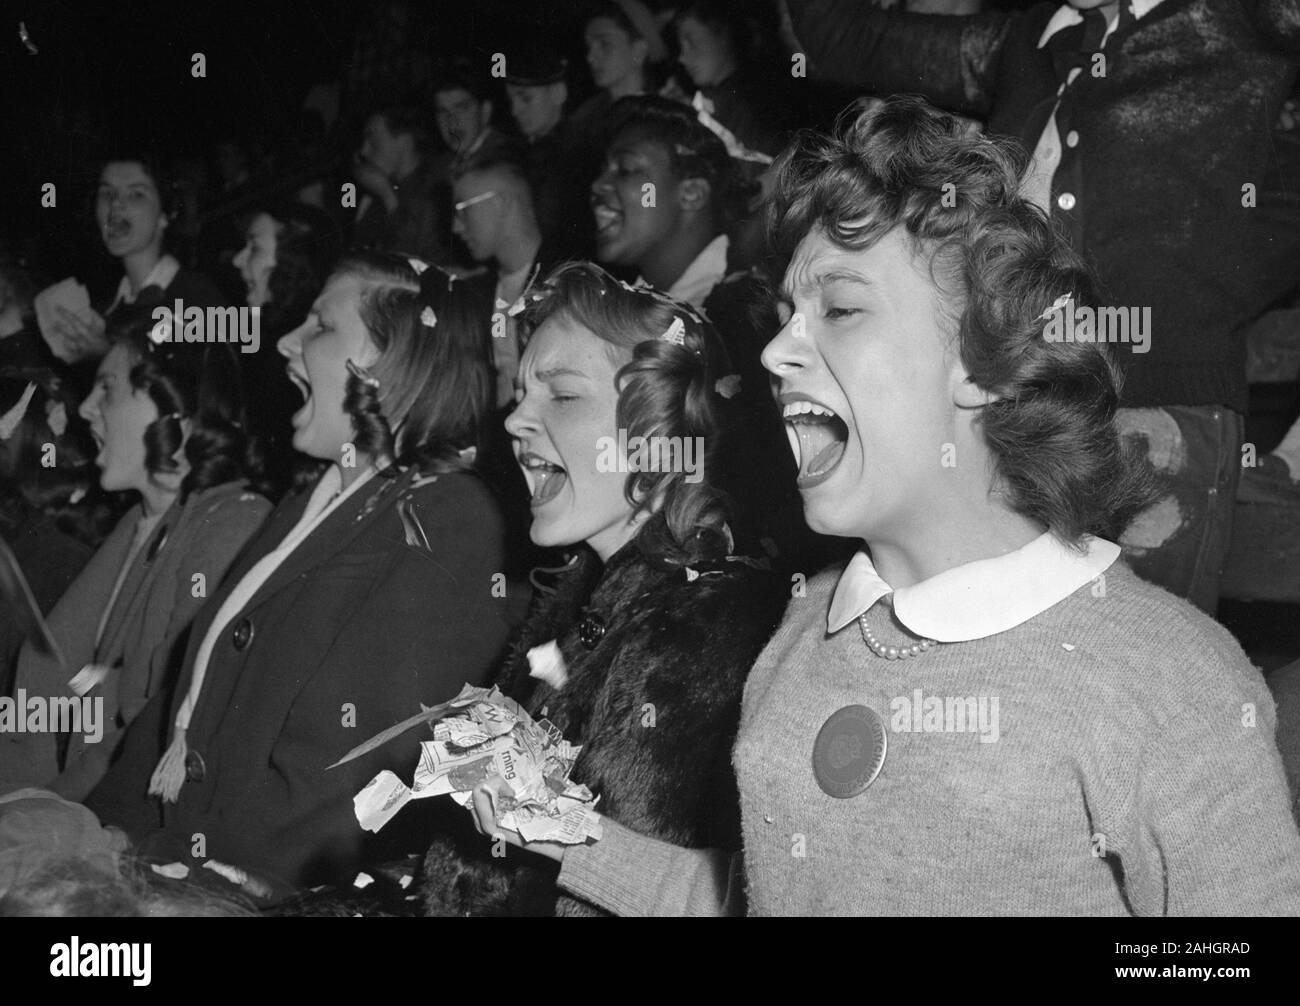 Gli appassionati di sport presso la University of Wisconsin - Madison circa 1946 Foto Stock